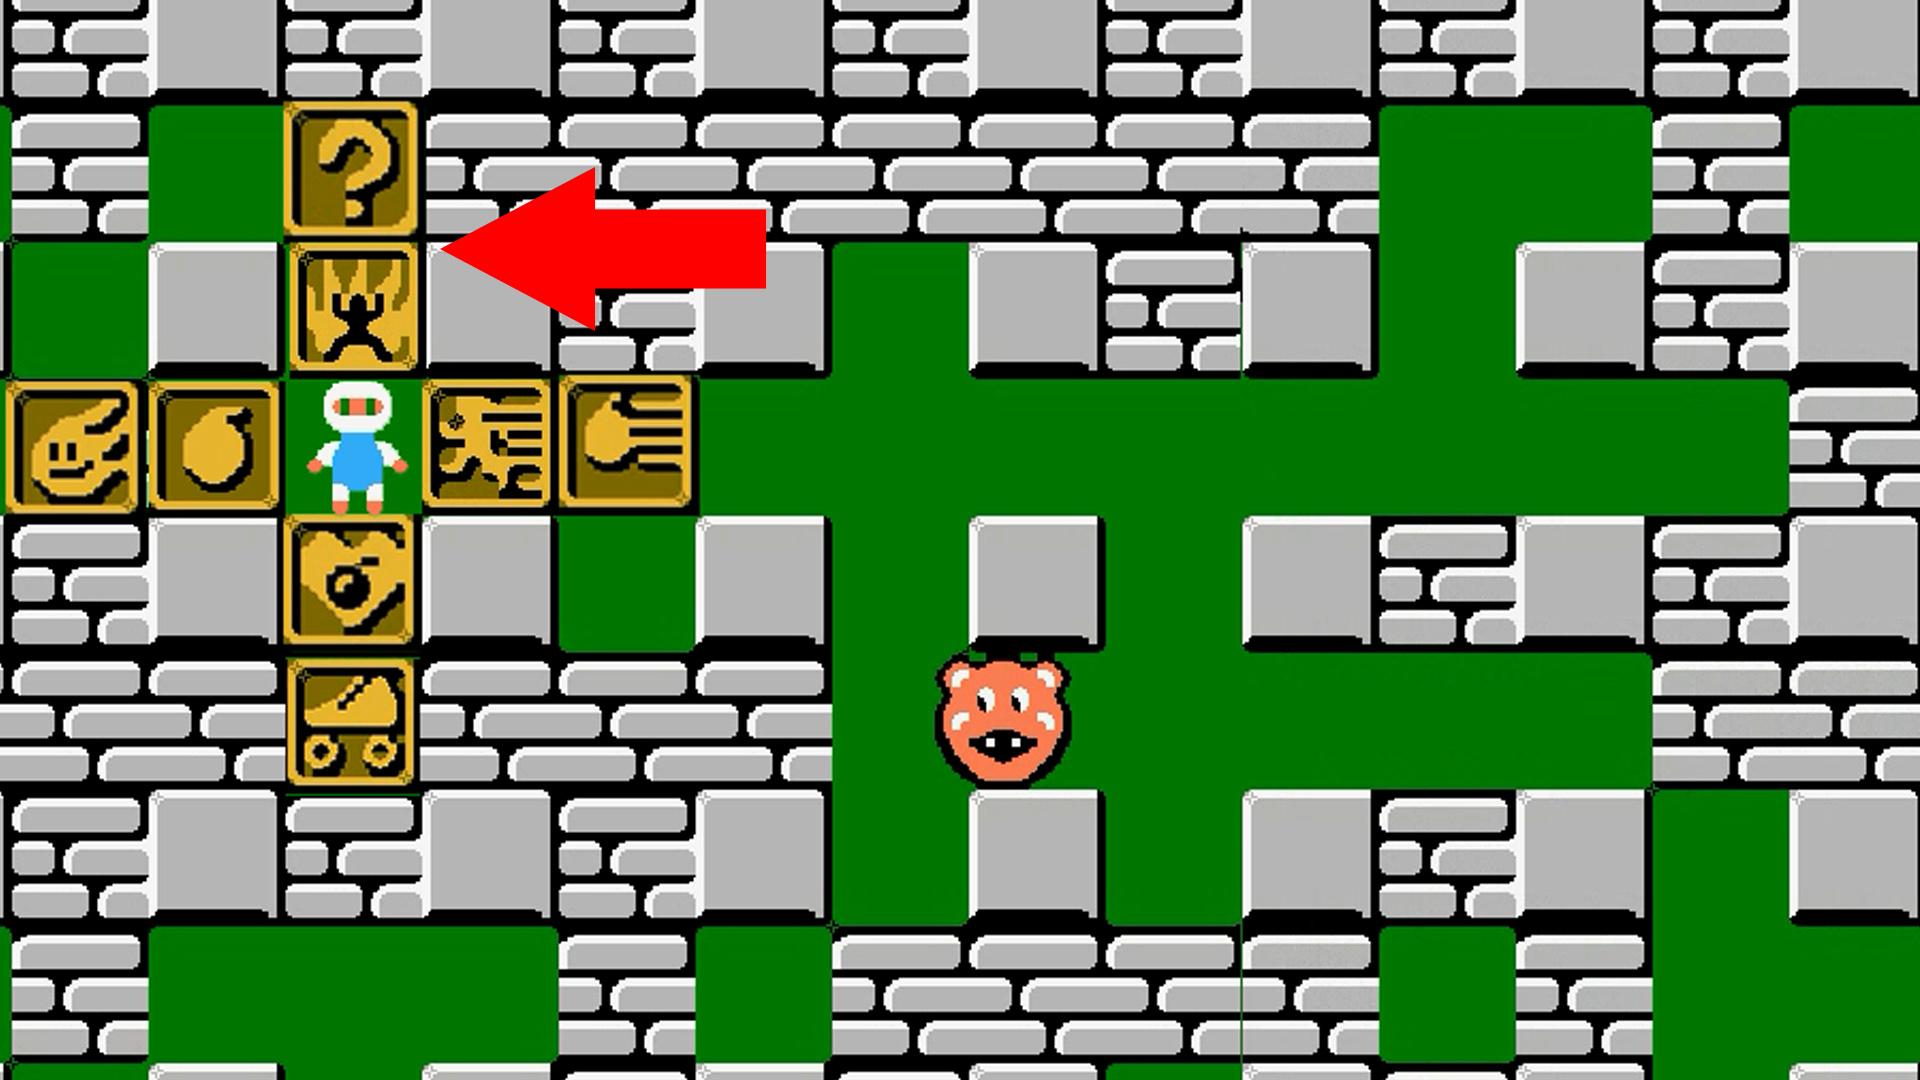 fc游戏《炸弹人》所有道具一览,终于明白了小人道具和问号的作用